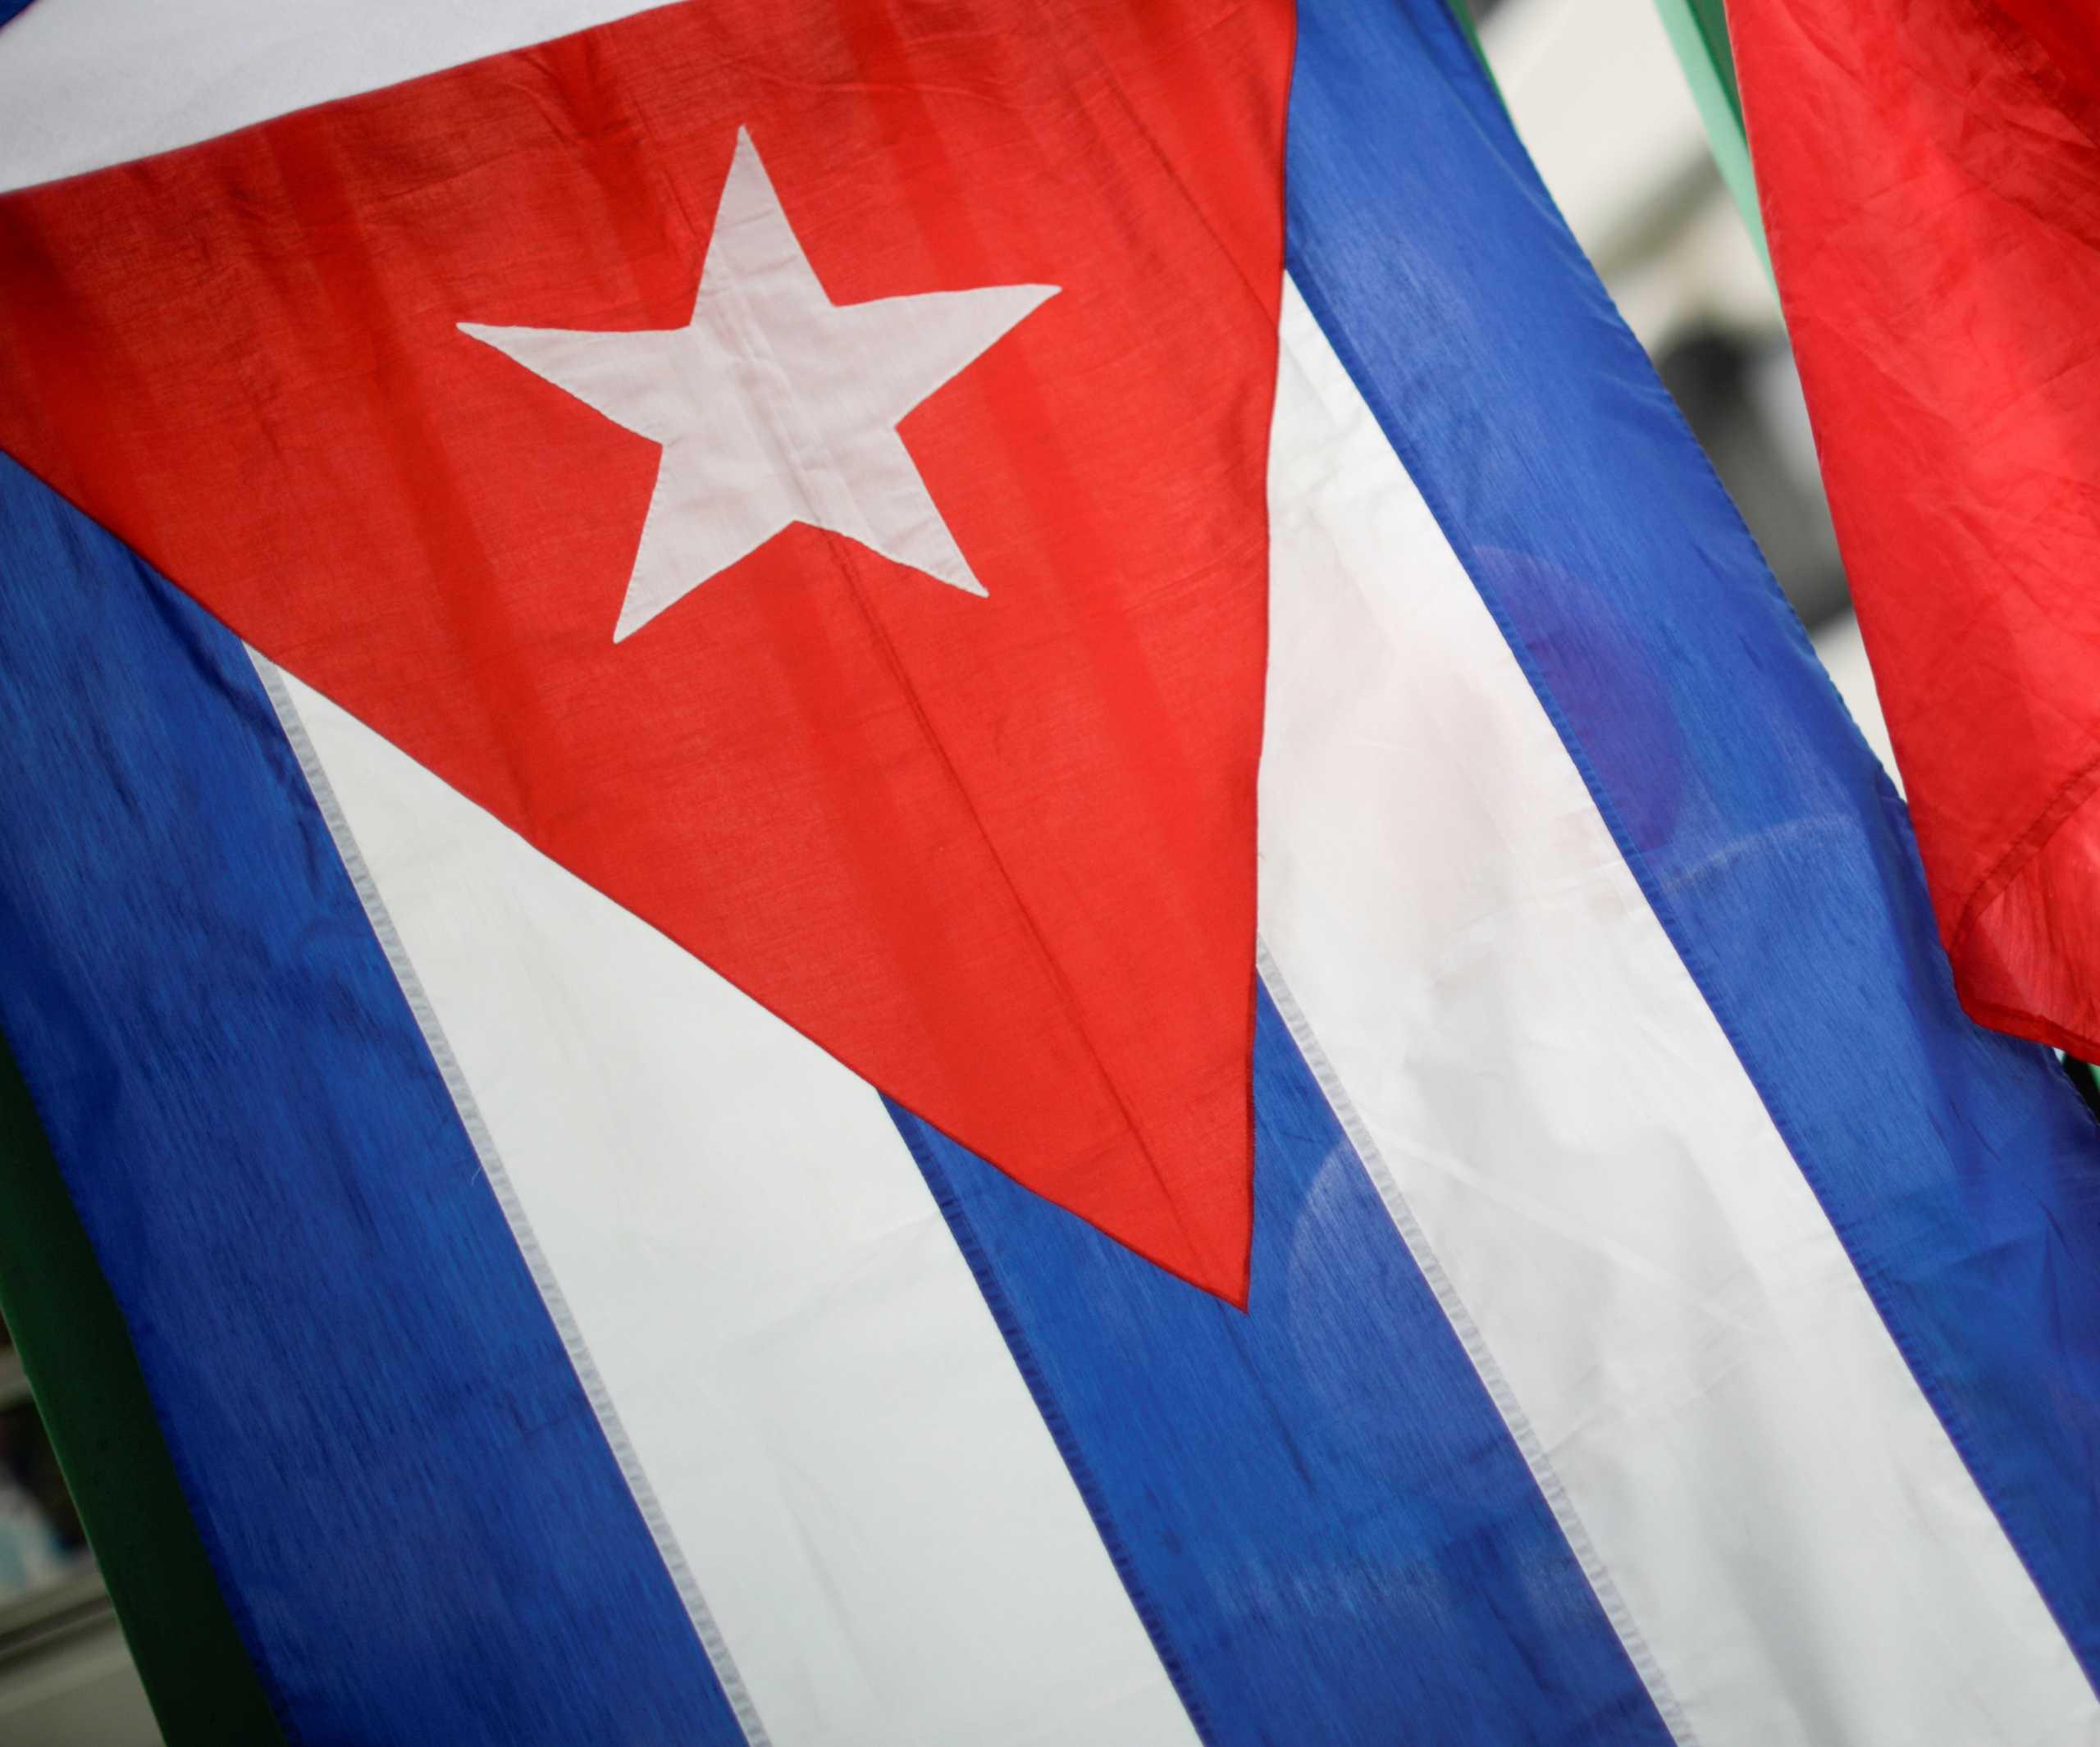 Παρίσι: Επίθεση με μολότοφ στην πρεσβεία της Κούβας – «Υπεύθυνη η αμερικανική κυβέρνηση»